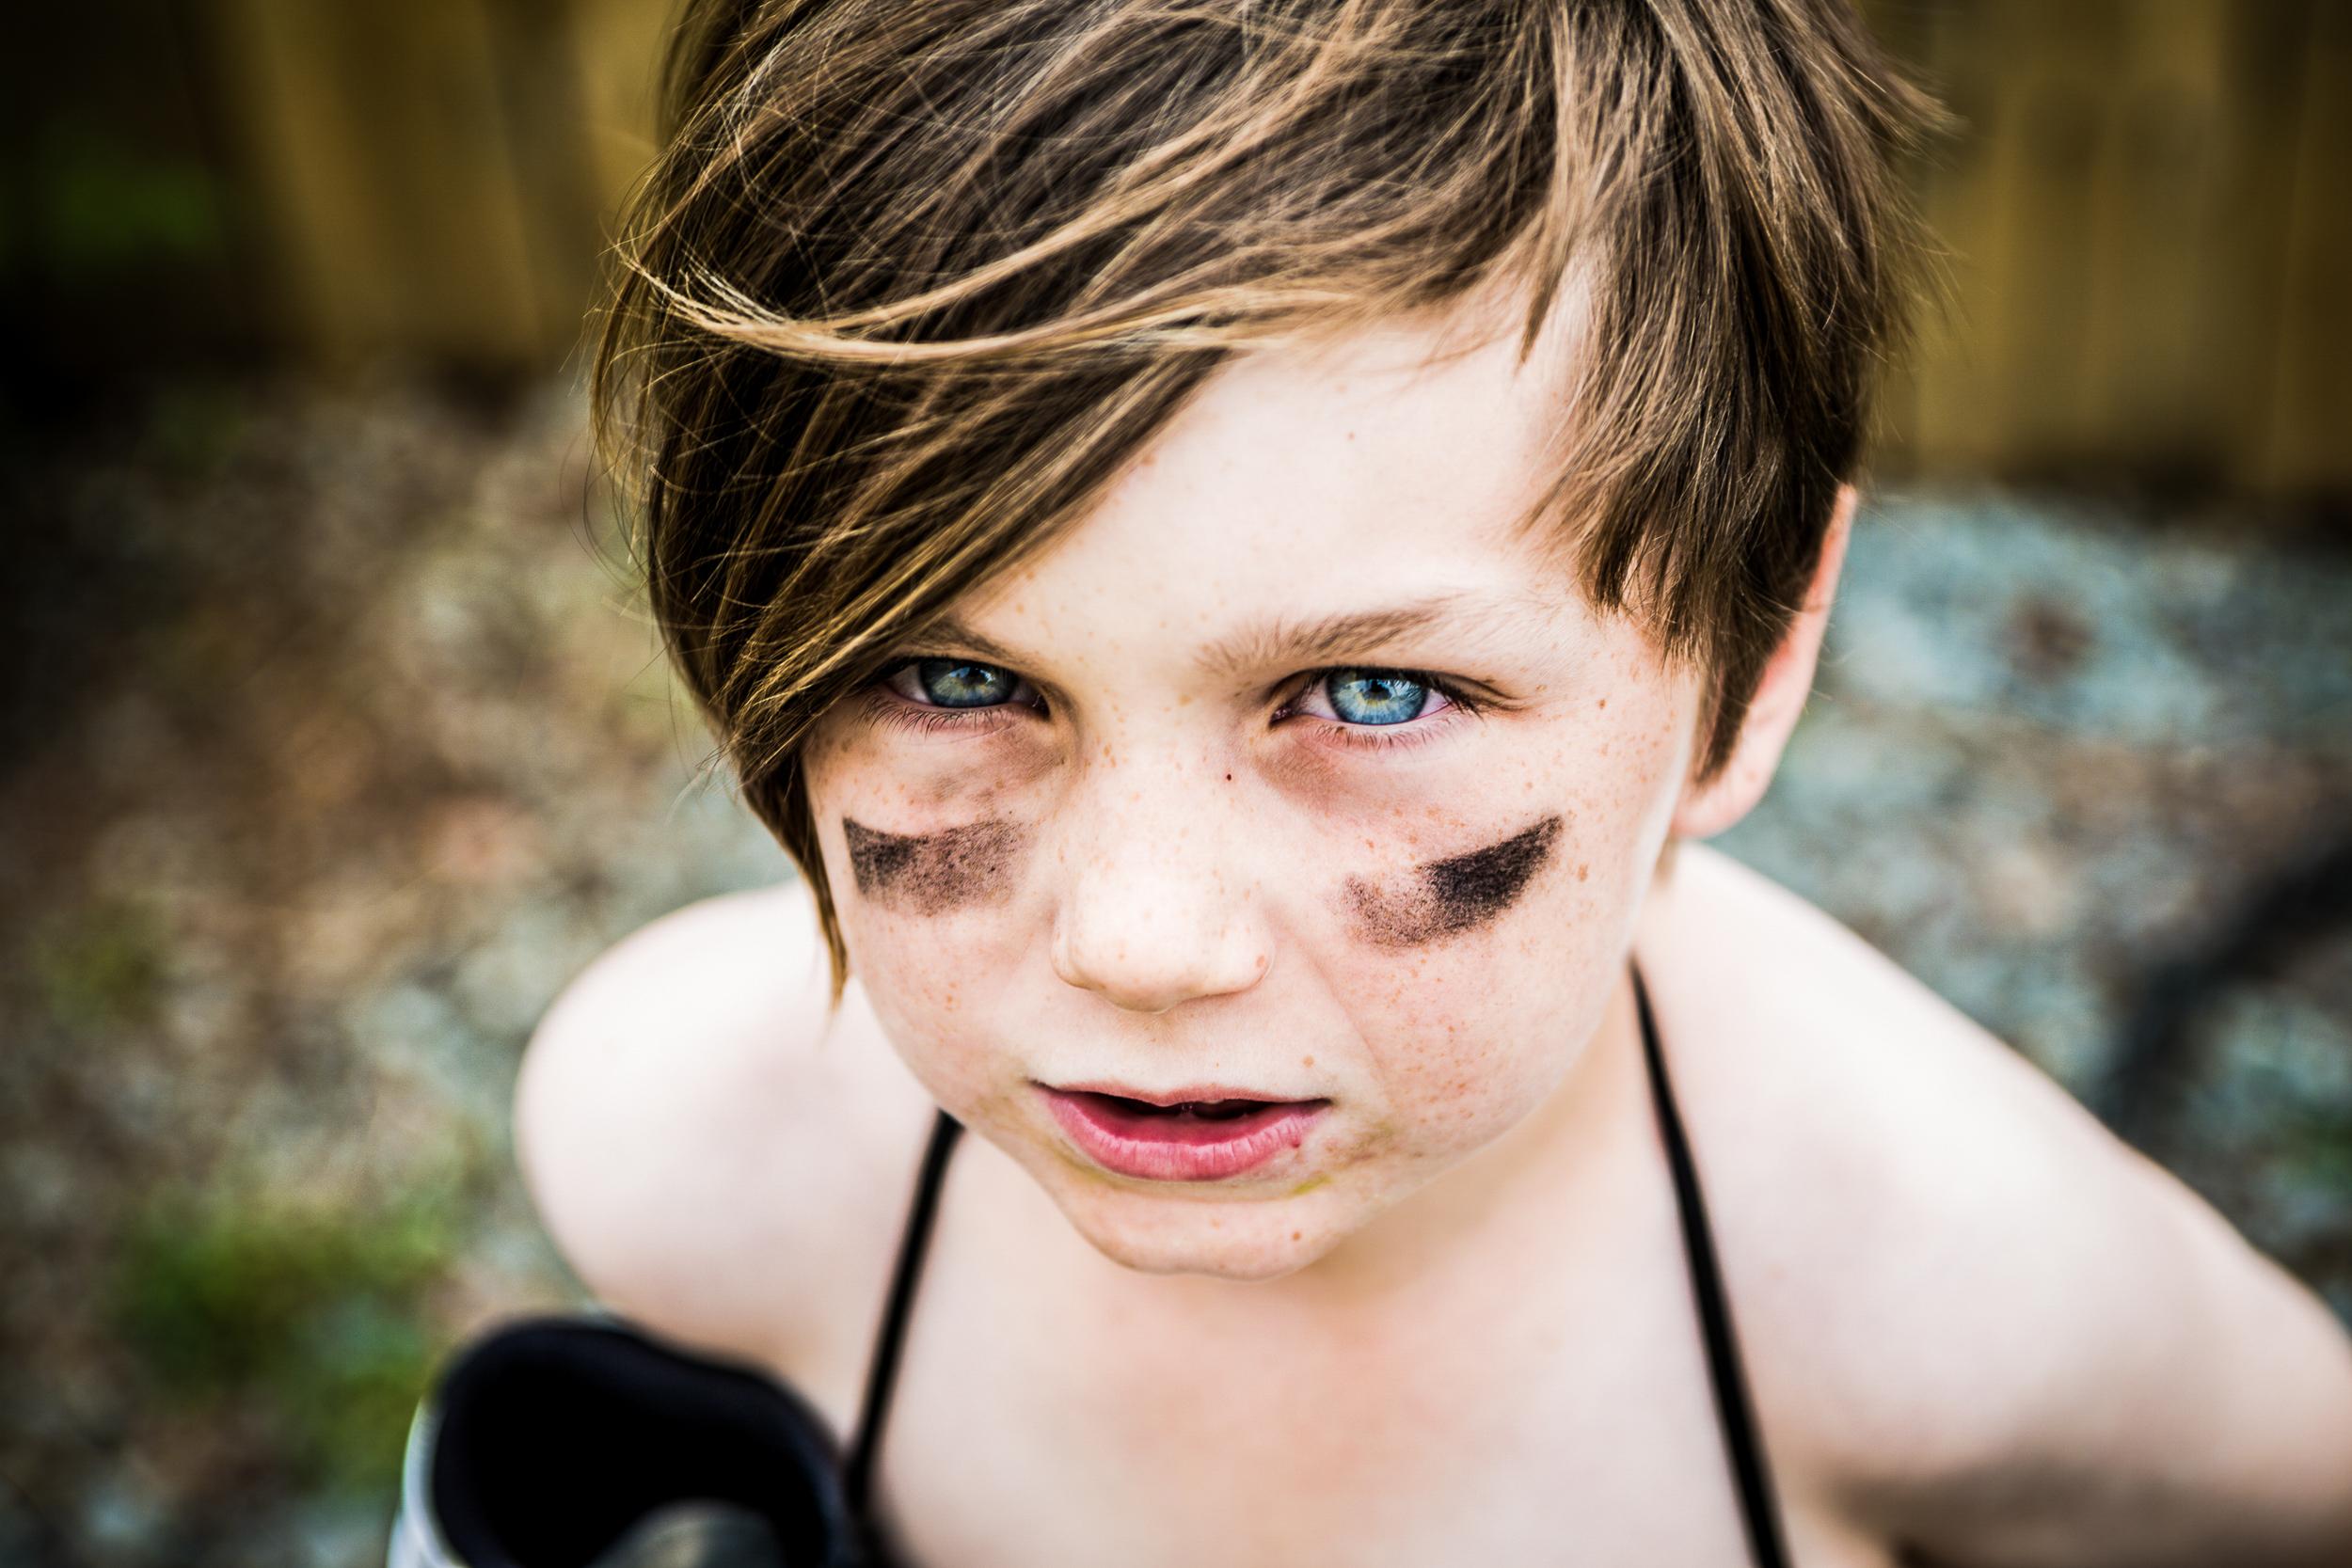 Child Athlete_9.jpg